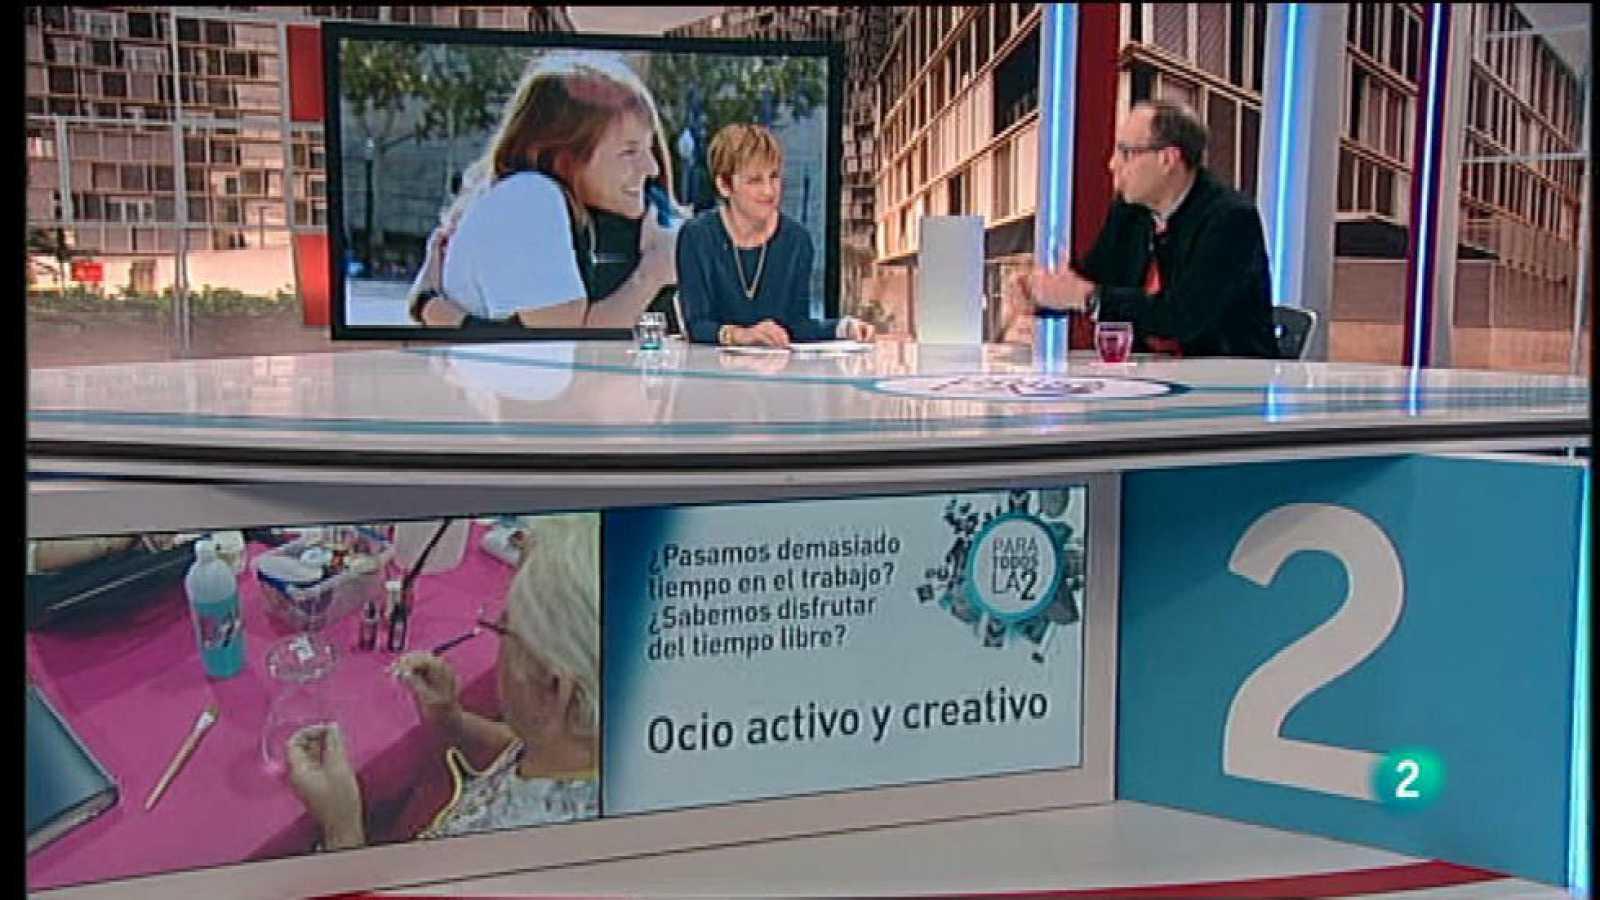 Para Todos La 2 - Entrevista - Francesc Tottalba, ocio activo